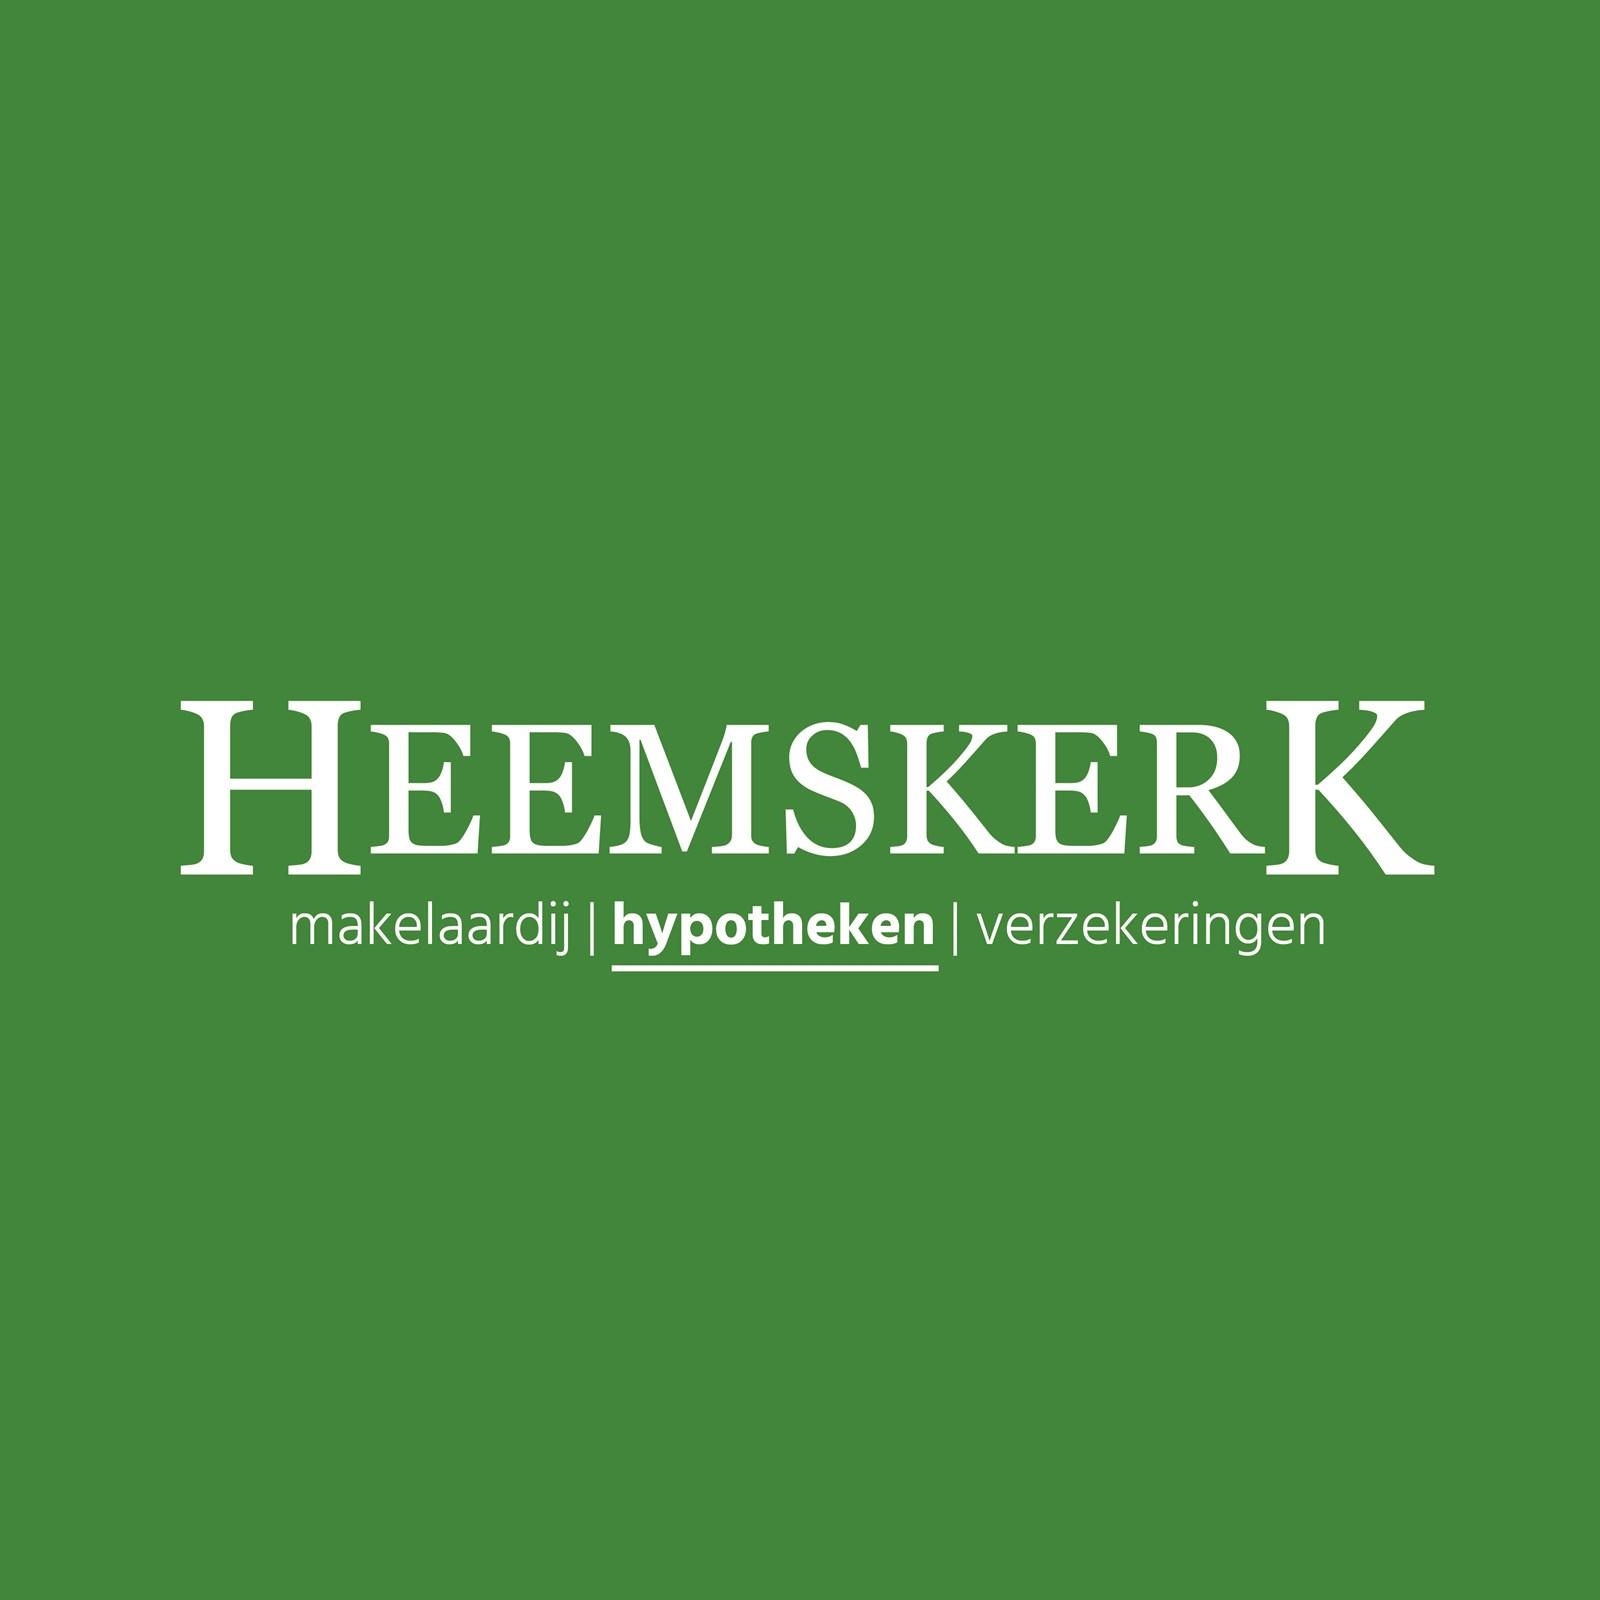 Afbeelding van Heemskerk Verzekeringen & Hypotheken